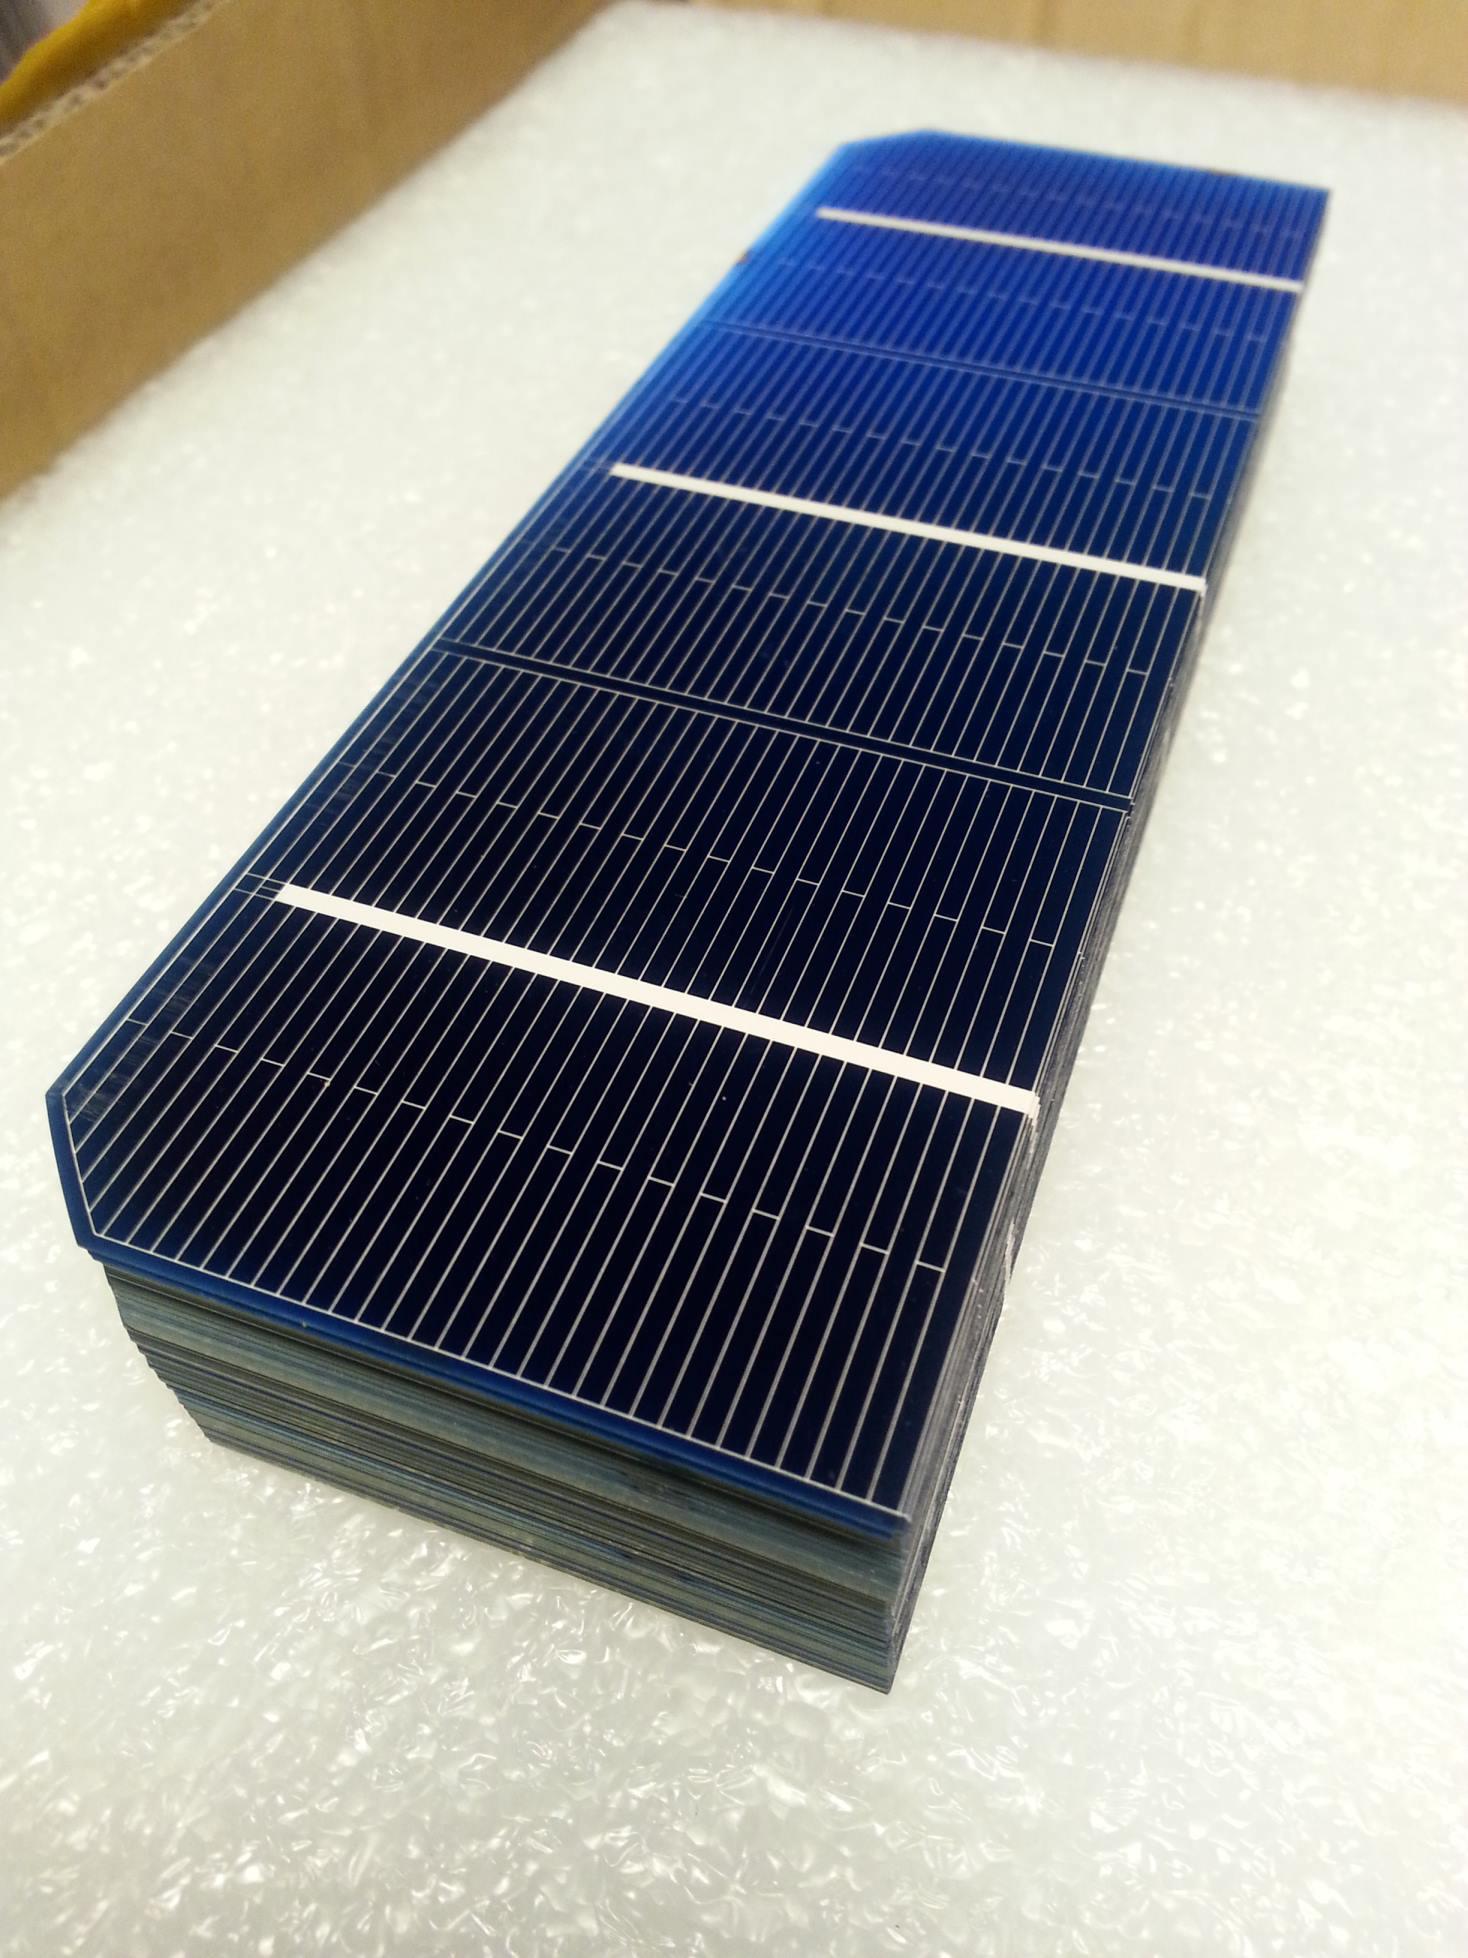 Mono Solar Cell 2x6 In 56x156 Mm A Grade 3 Bus Bar 1 5w